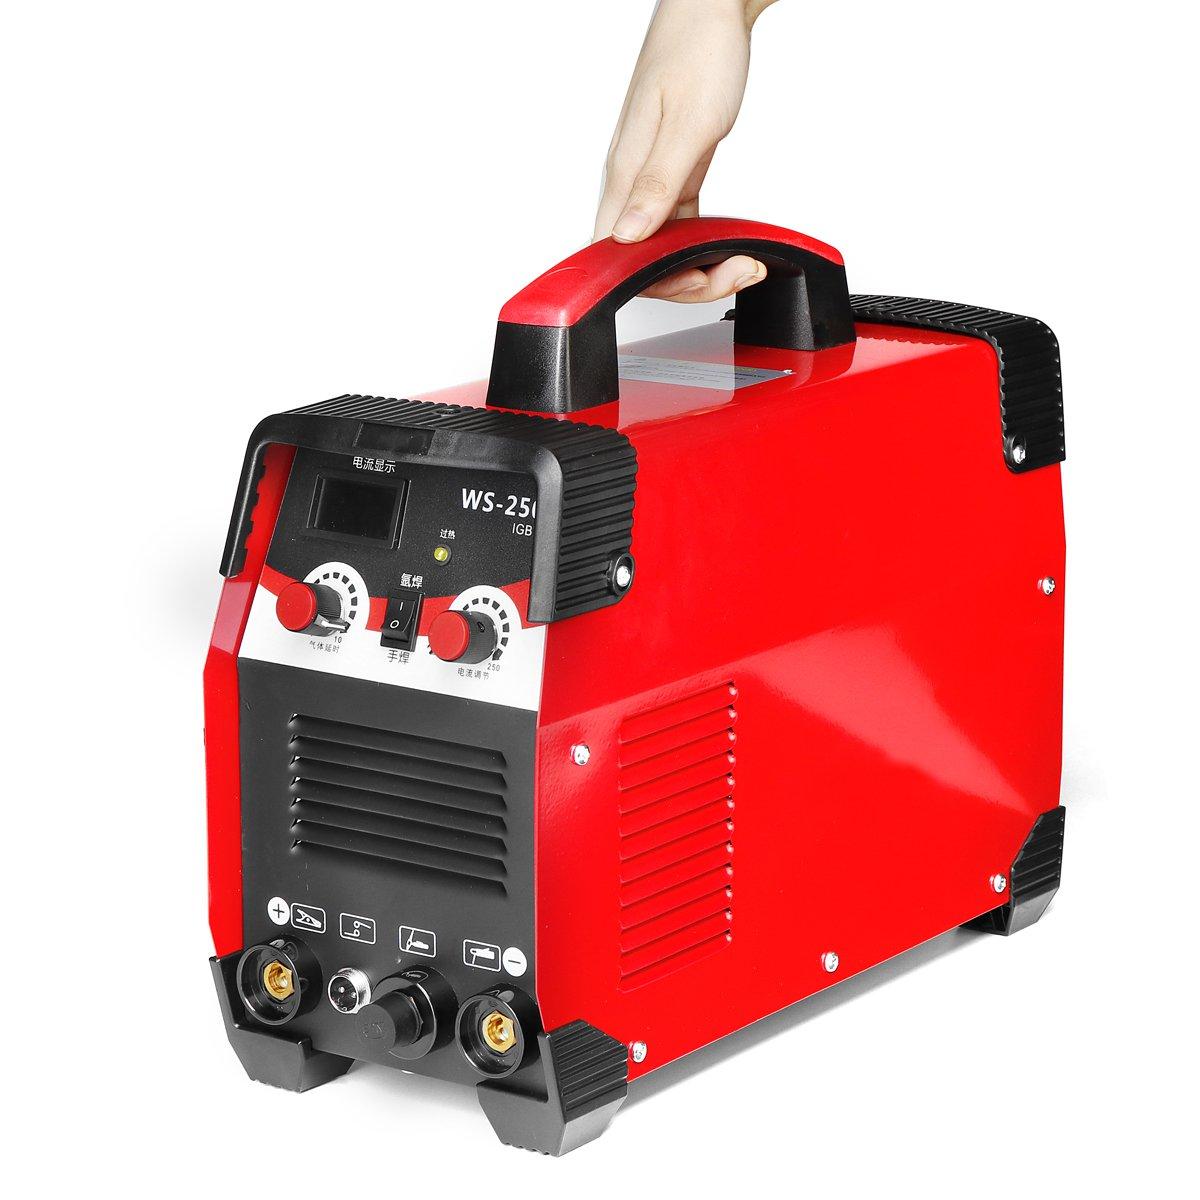 2IN1 220 V 7700 W TIG/ARC machine à souder électrique 20-250A MMA IGBT BÂTON Onduleur Pour Le Soudage de Travail et Électrique de Travail